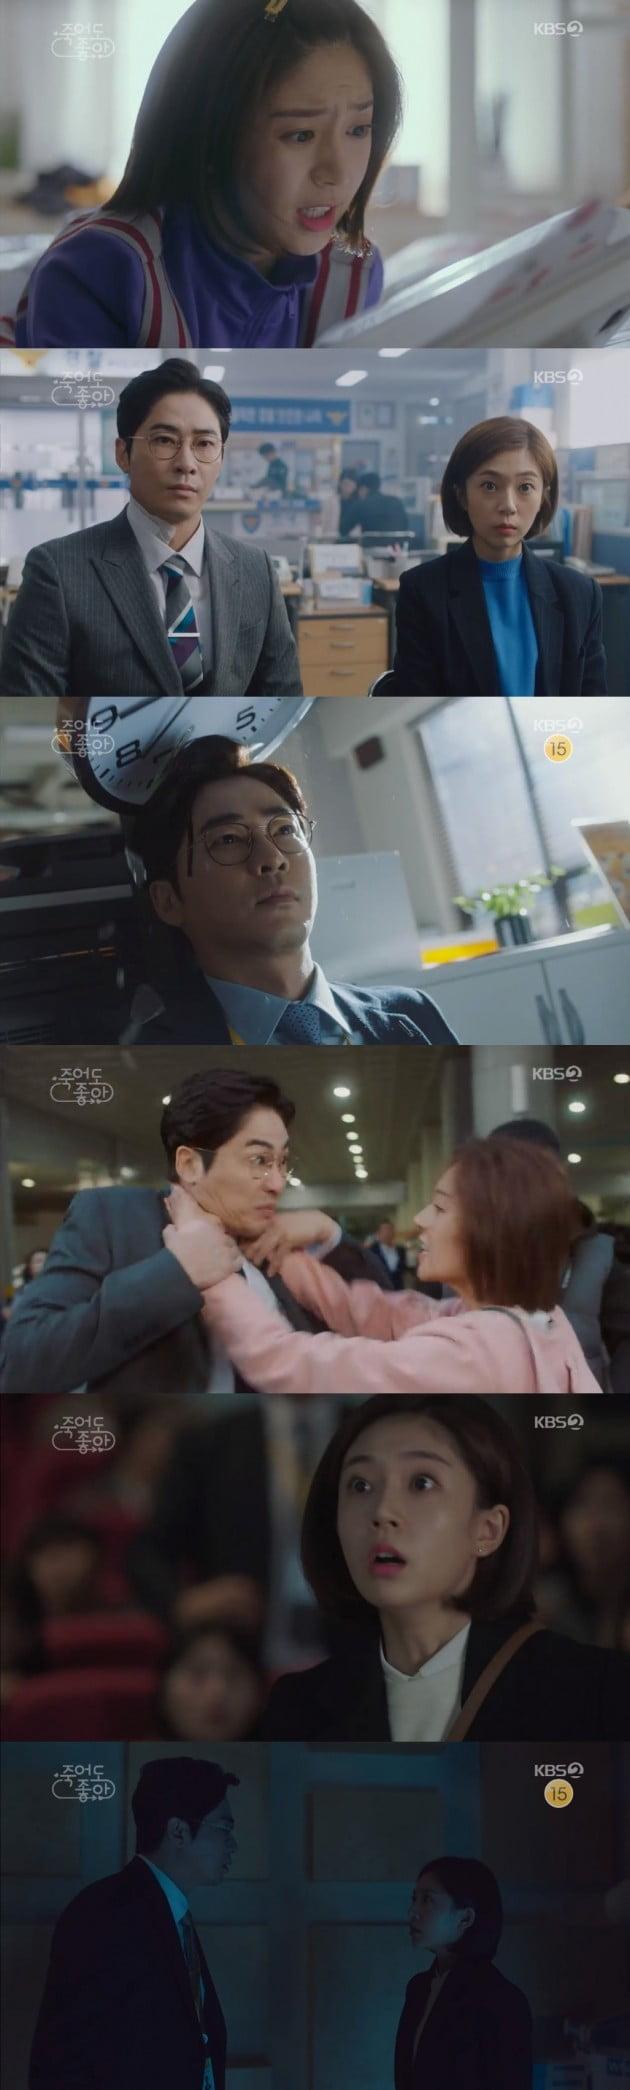 사진제공 : KBS 2TV 수목드라마 <죽어도 좋아>